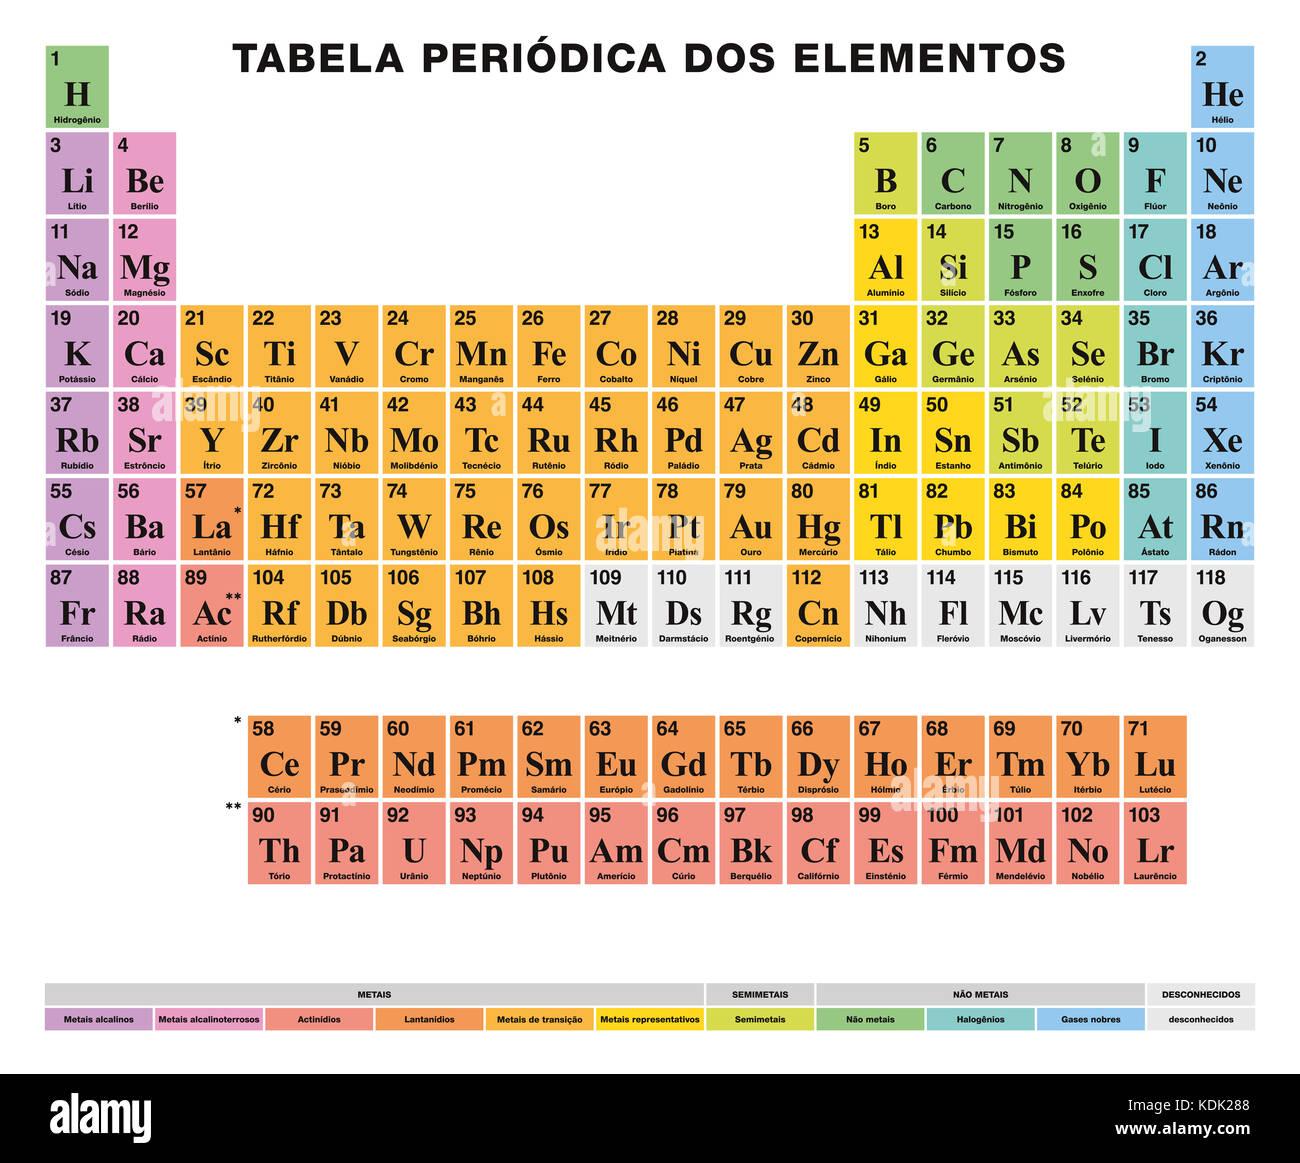 tabla peridica de los elementos rtulos en portugus disposicin tabular 118 elementos qumicos de nmeros atmicos los smbolos los nombres y las - Tabla Periodica Con Nombres Y Simbolos